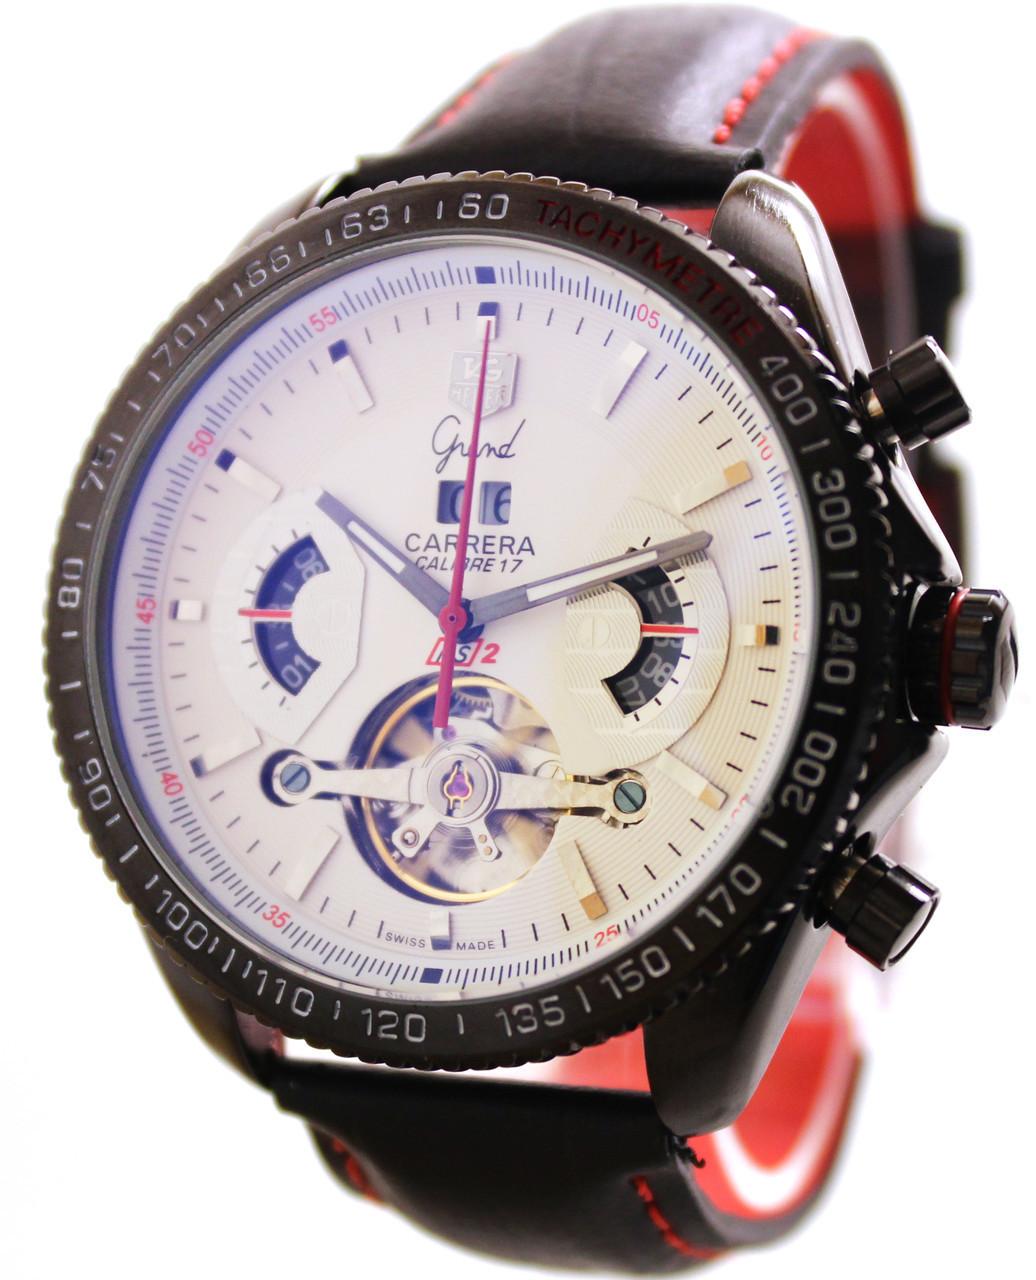 92bc6c0b2a6c Часы мужские Tag Heuer Grand Carrera - OptMan - самые низкие цены в Украине  в Харькове